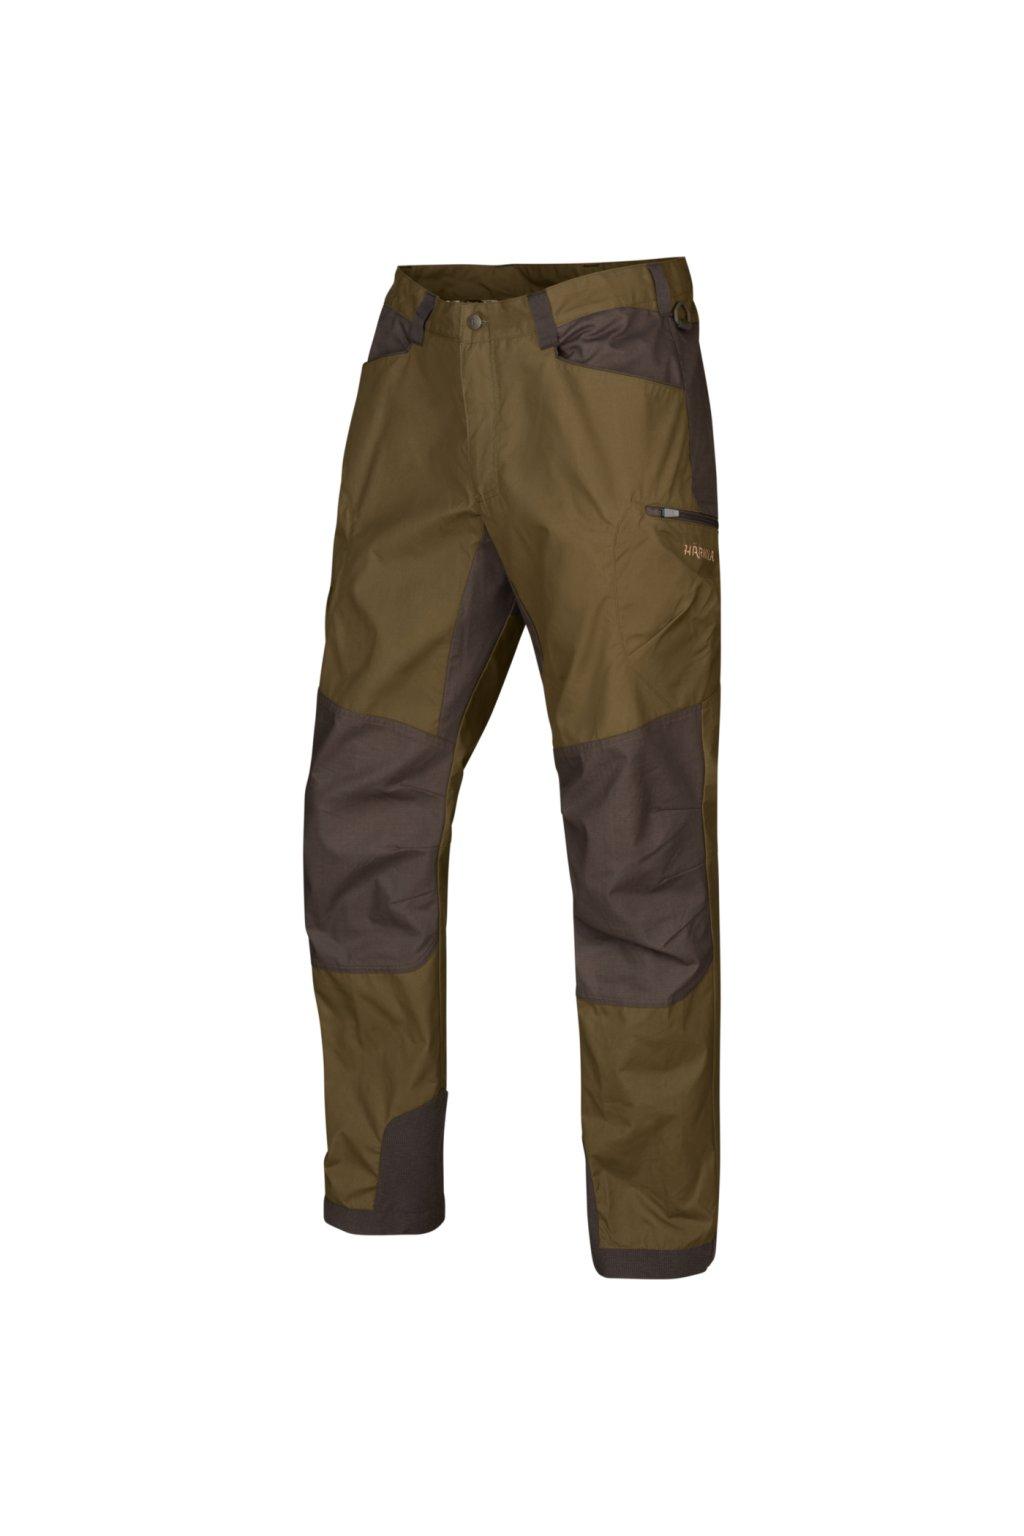 HÄRKILA - Hermod kalhoty pánské  Dark olive/Willow green